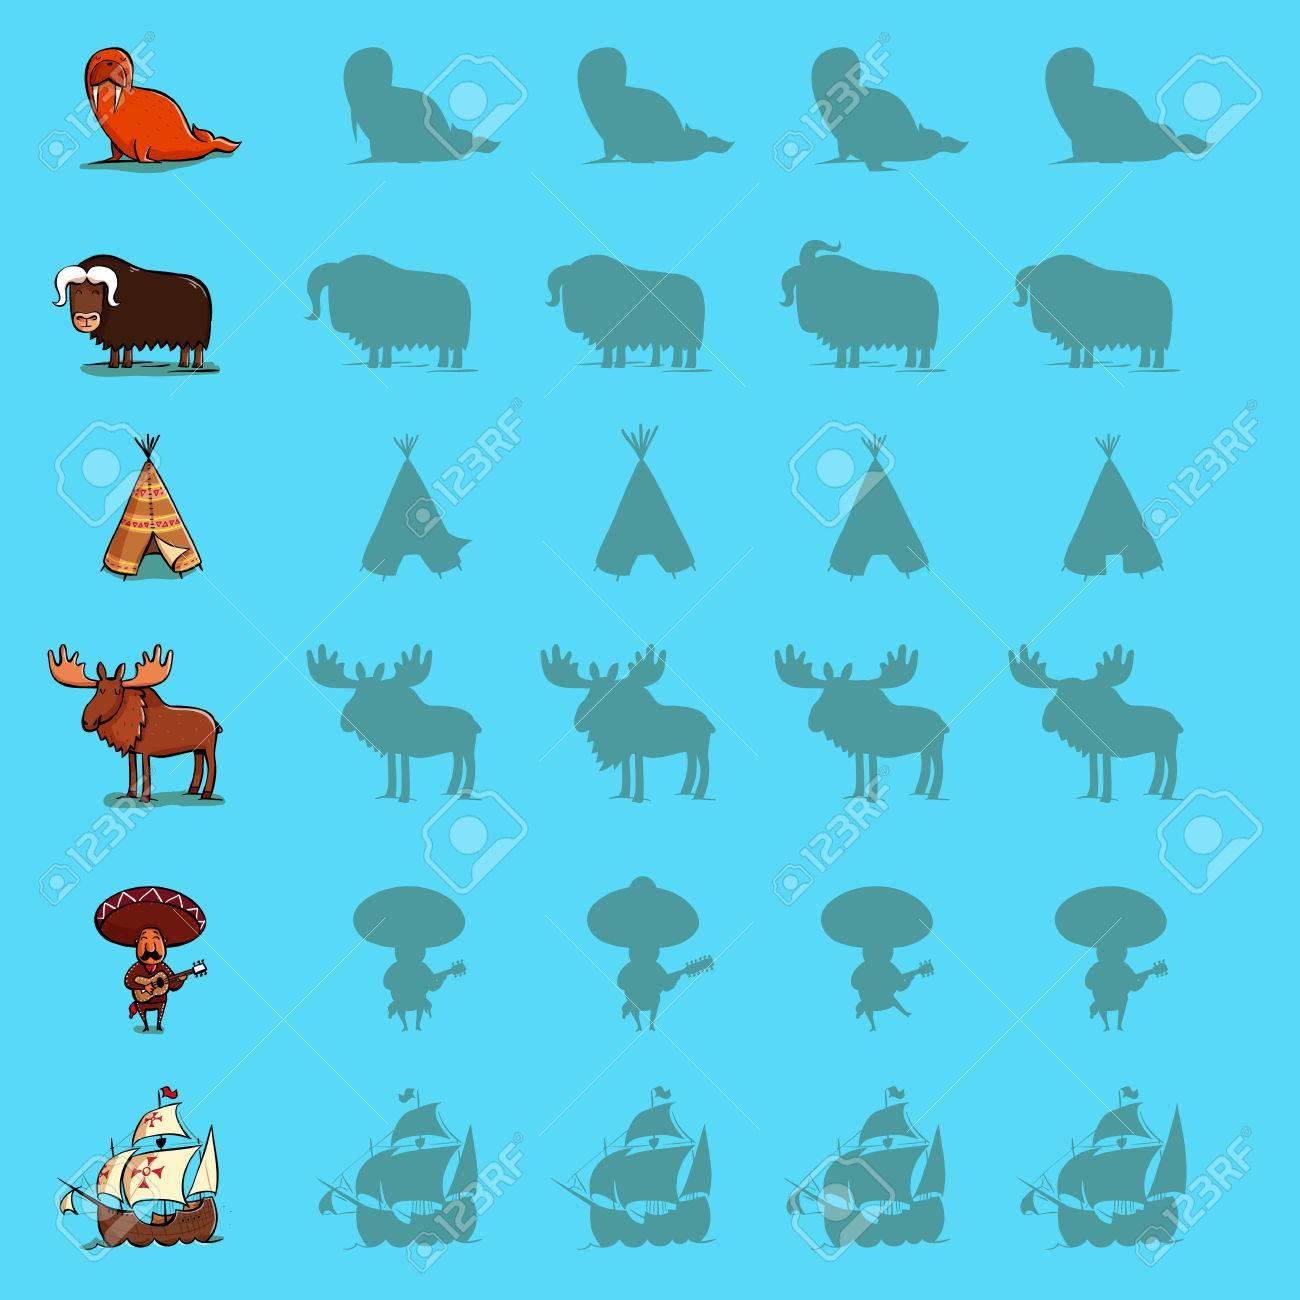 Encuentra Los Juegos Visuales De Sombra Correctos Set De Seis